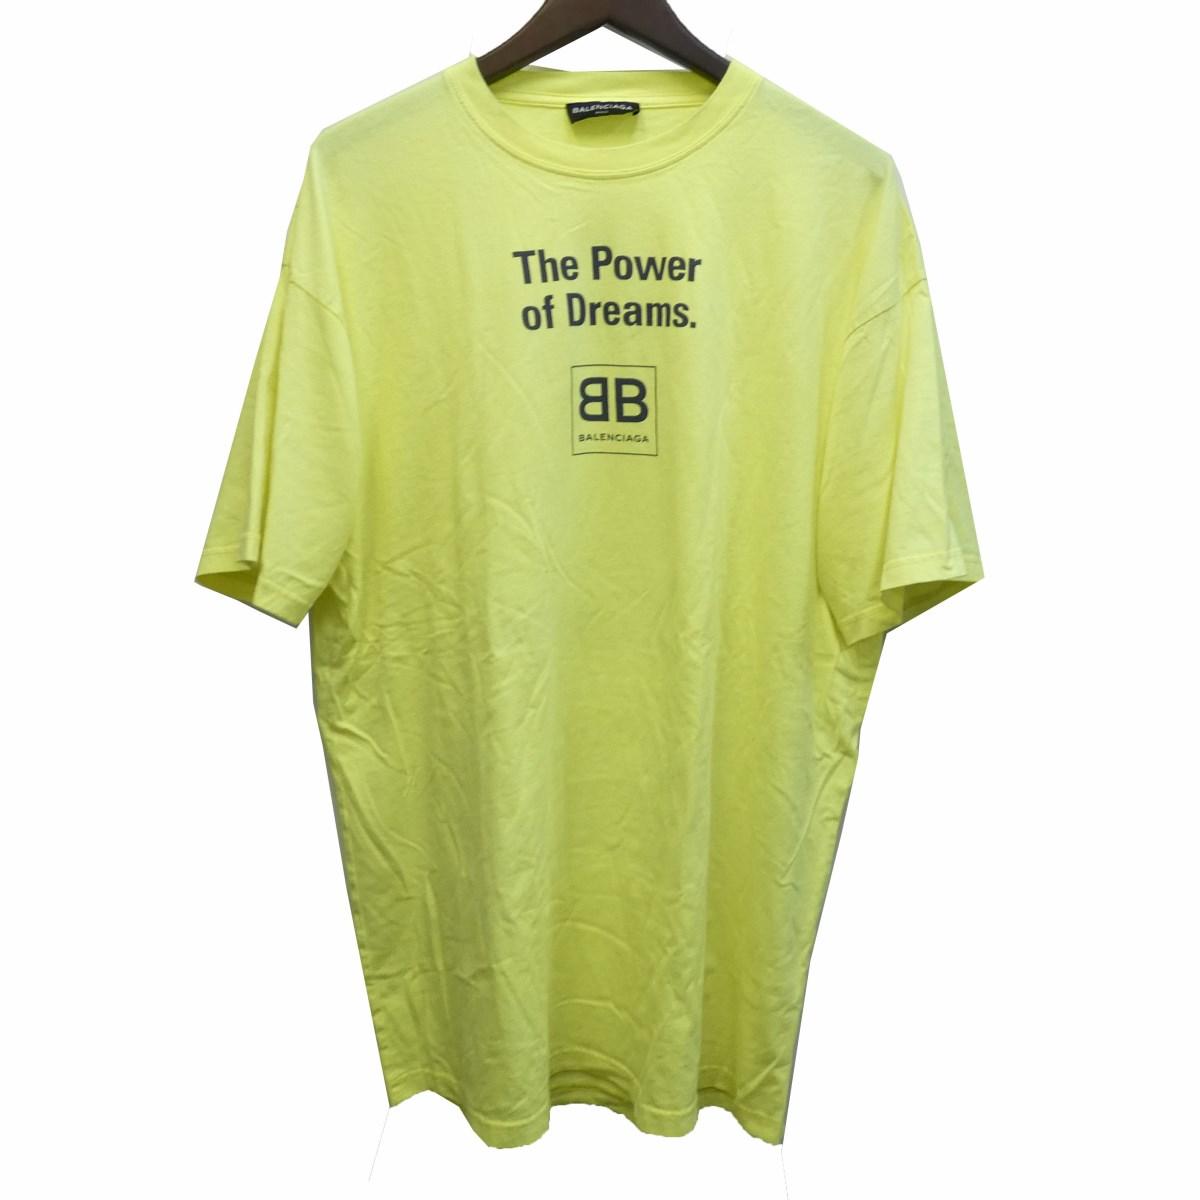 【中古】BALENCIAGA18SS プリントTシャツ 508203 イエロー サイズ:M